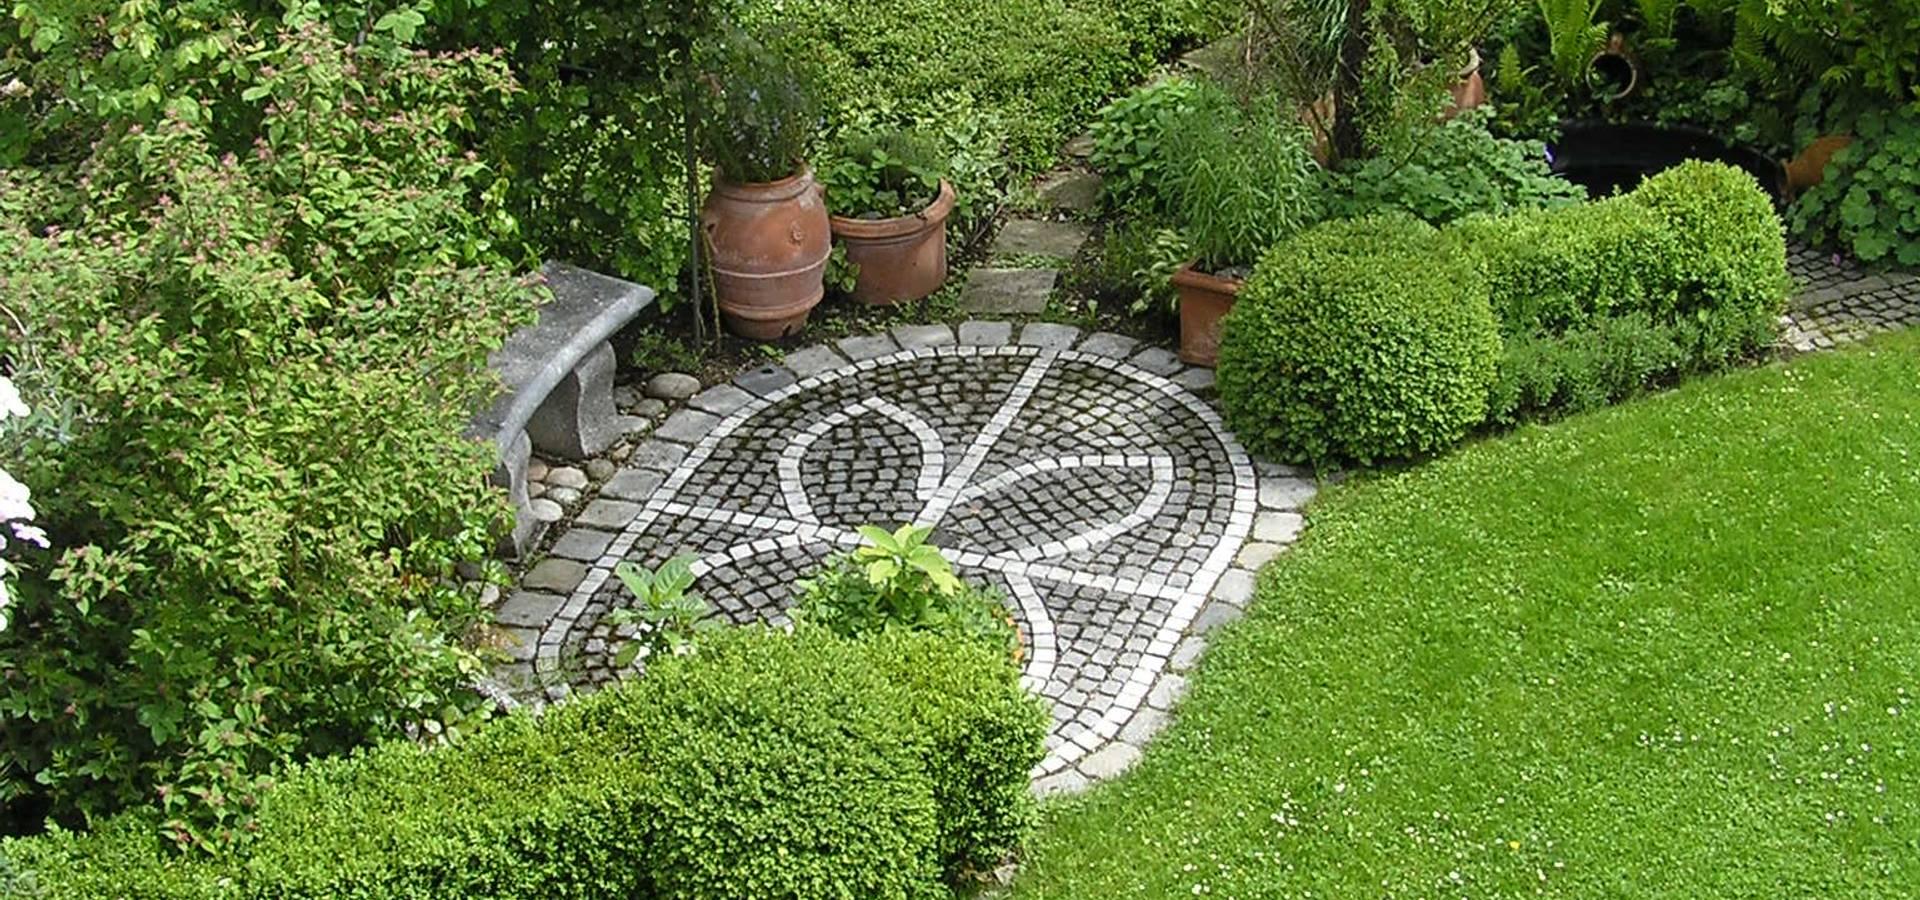 Malerisch Homify Garten Foto Von Architektur Landschaft